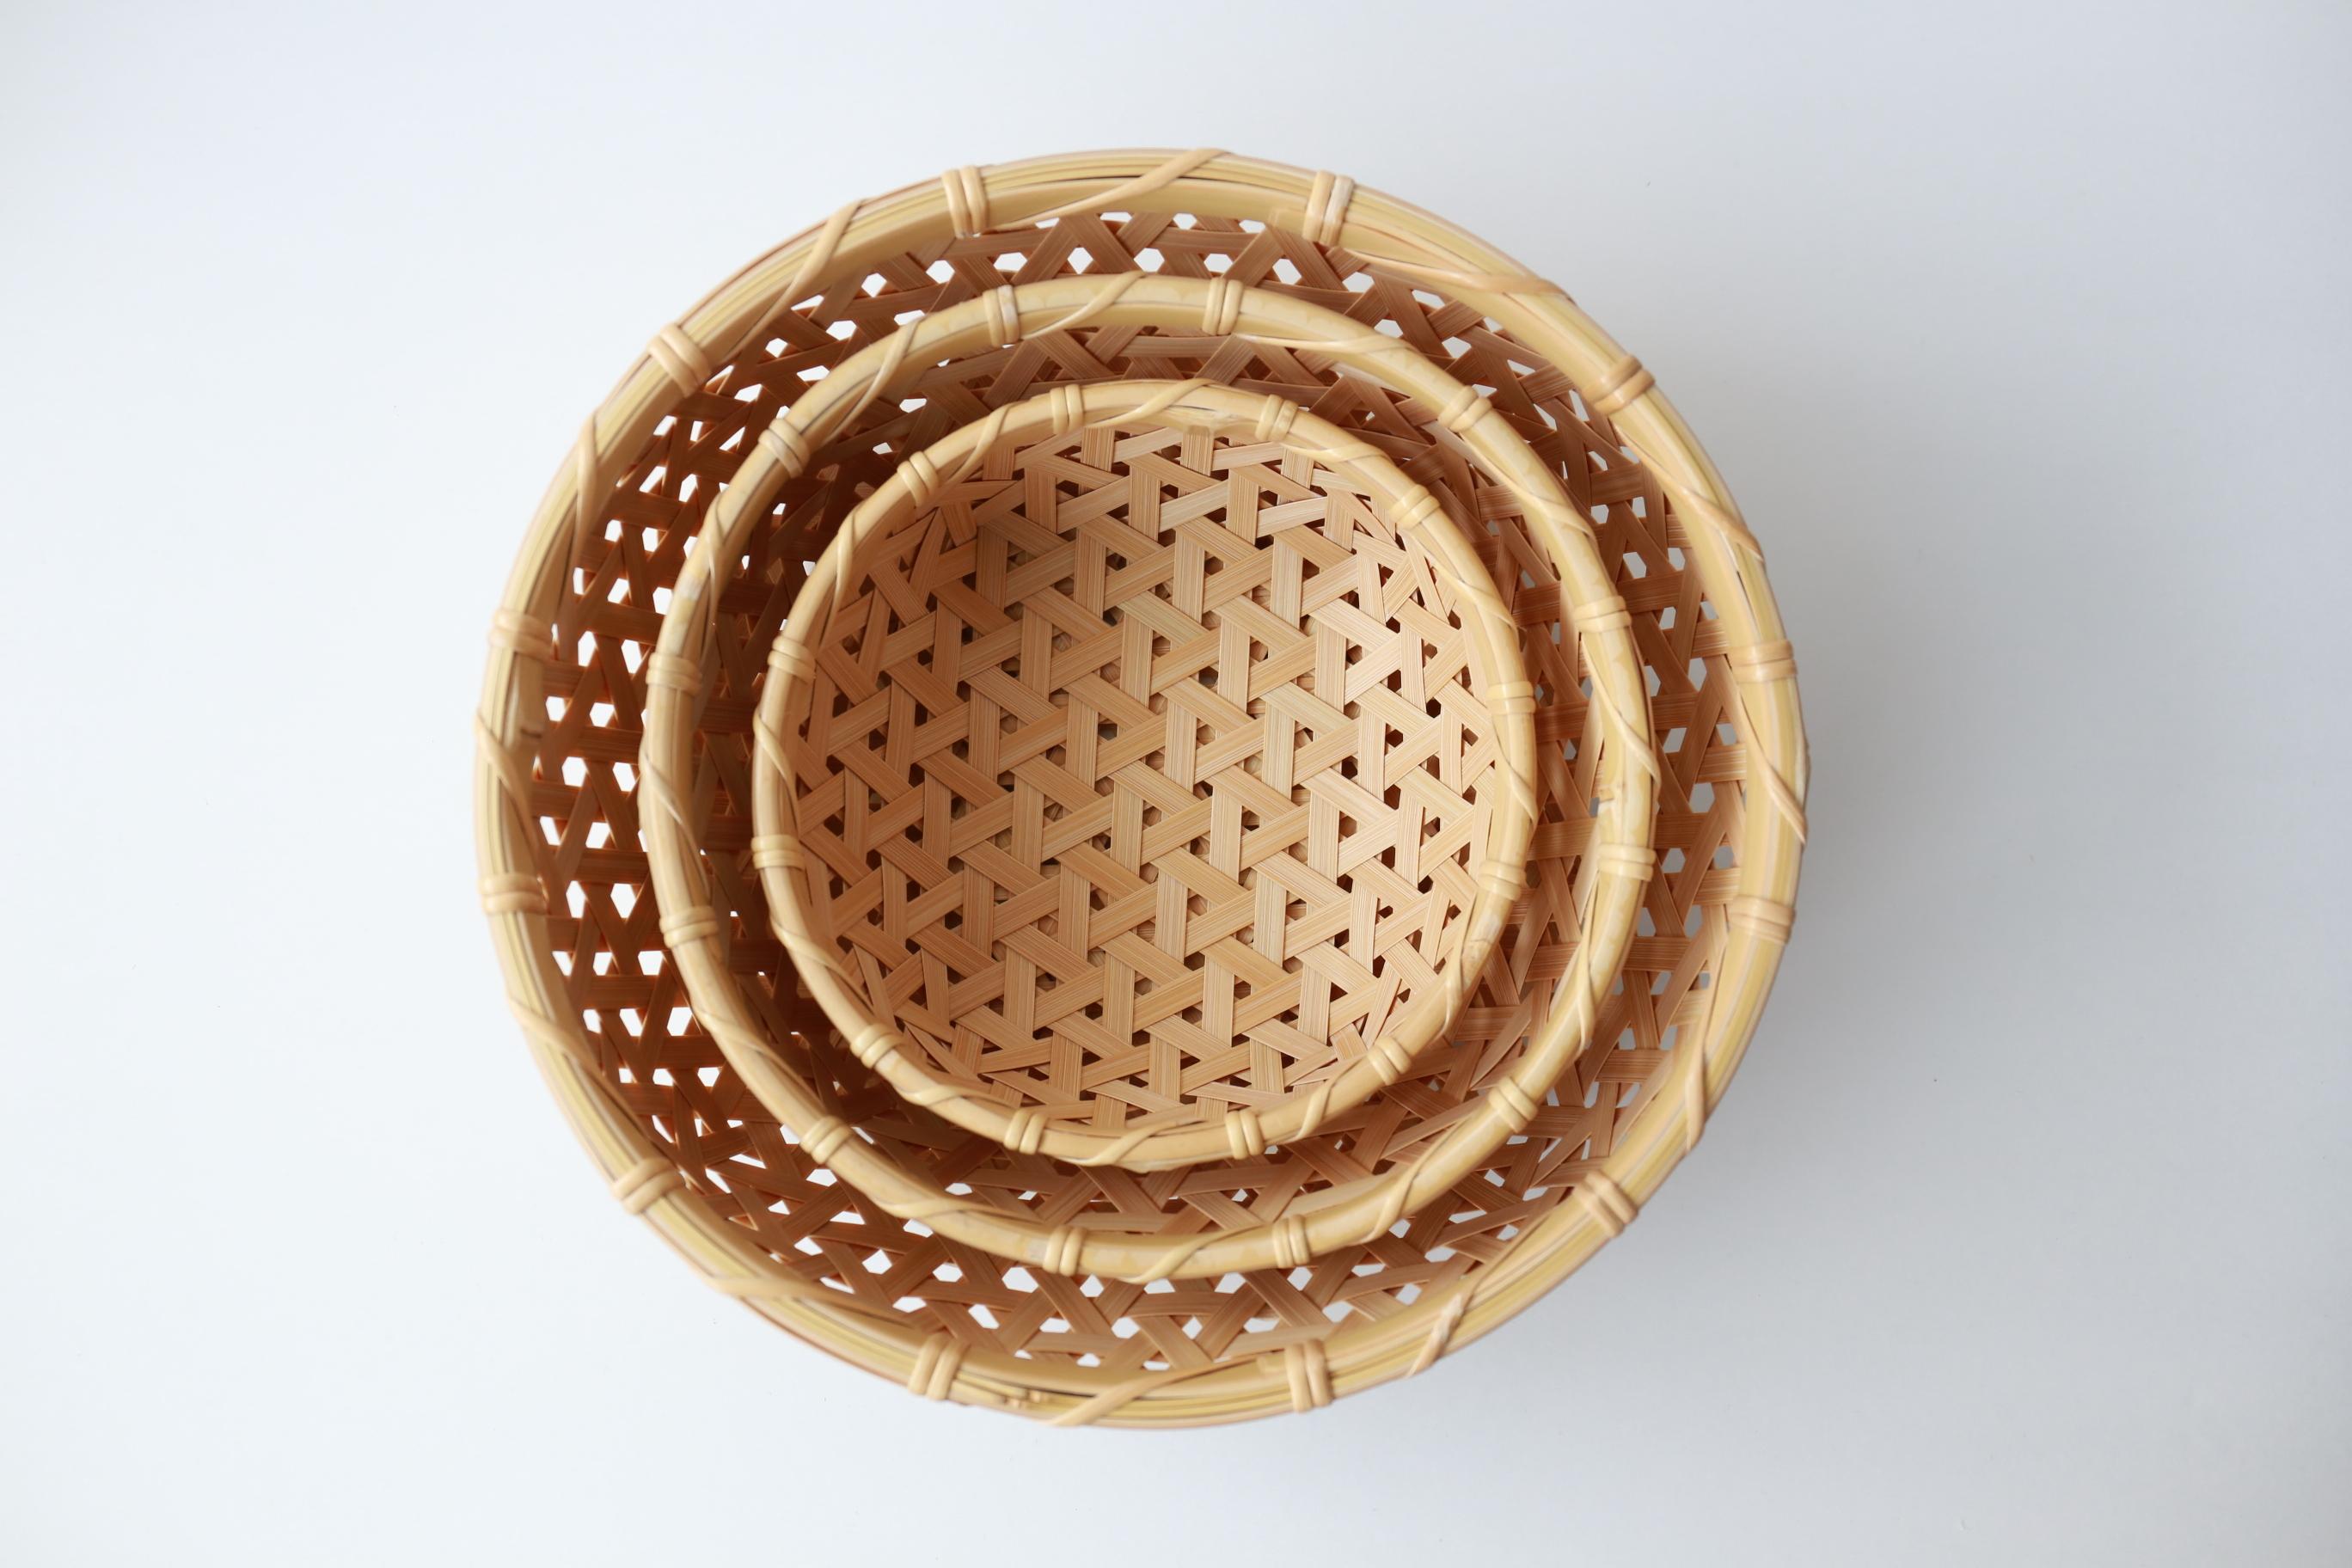 けはれ竹工房 果菜盛りカゴ 大